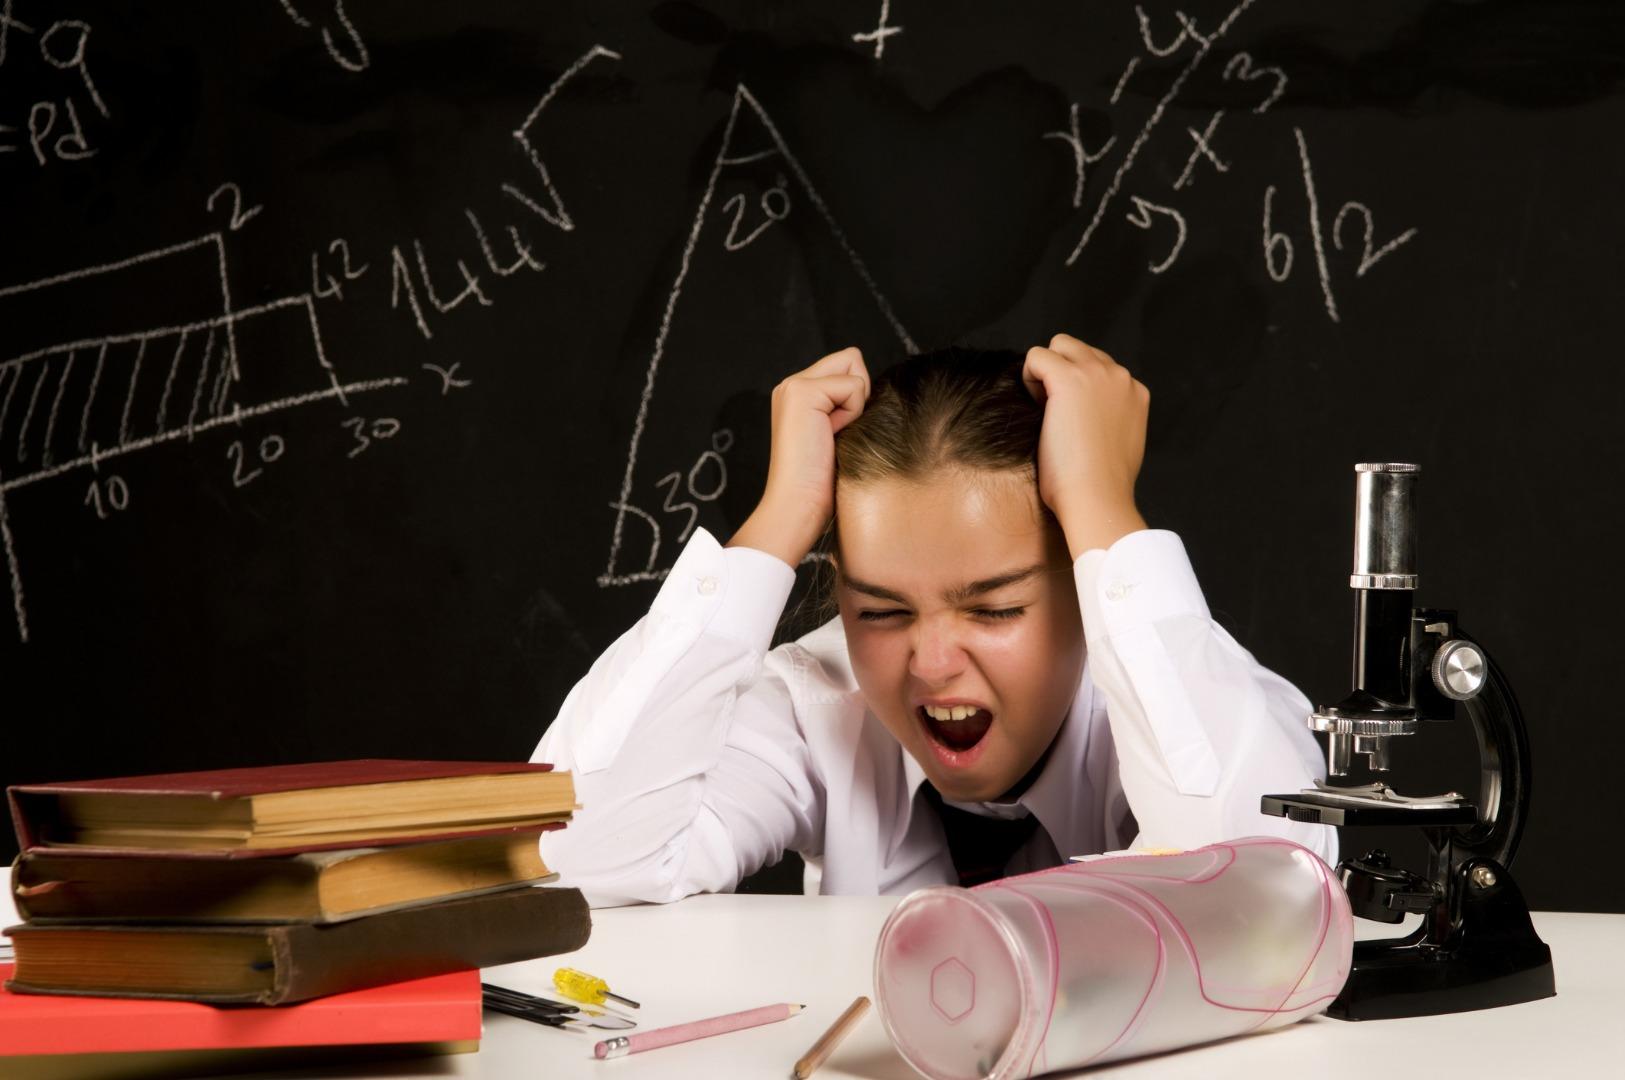 Усталость, скука и полезный стресс при обучении: как отличить?